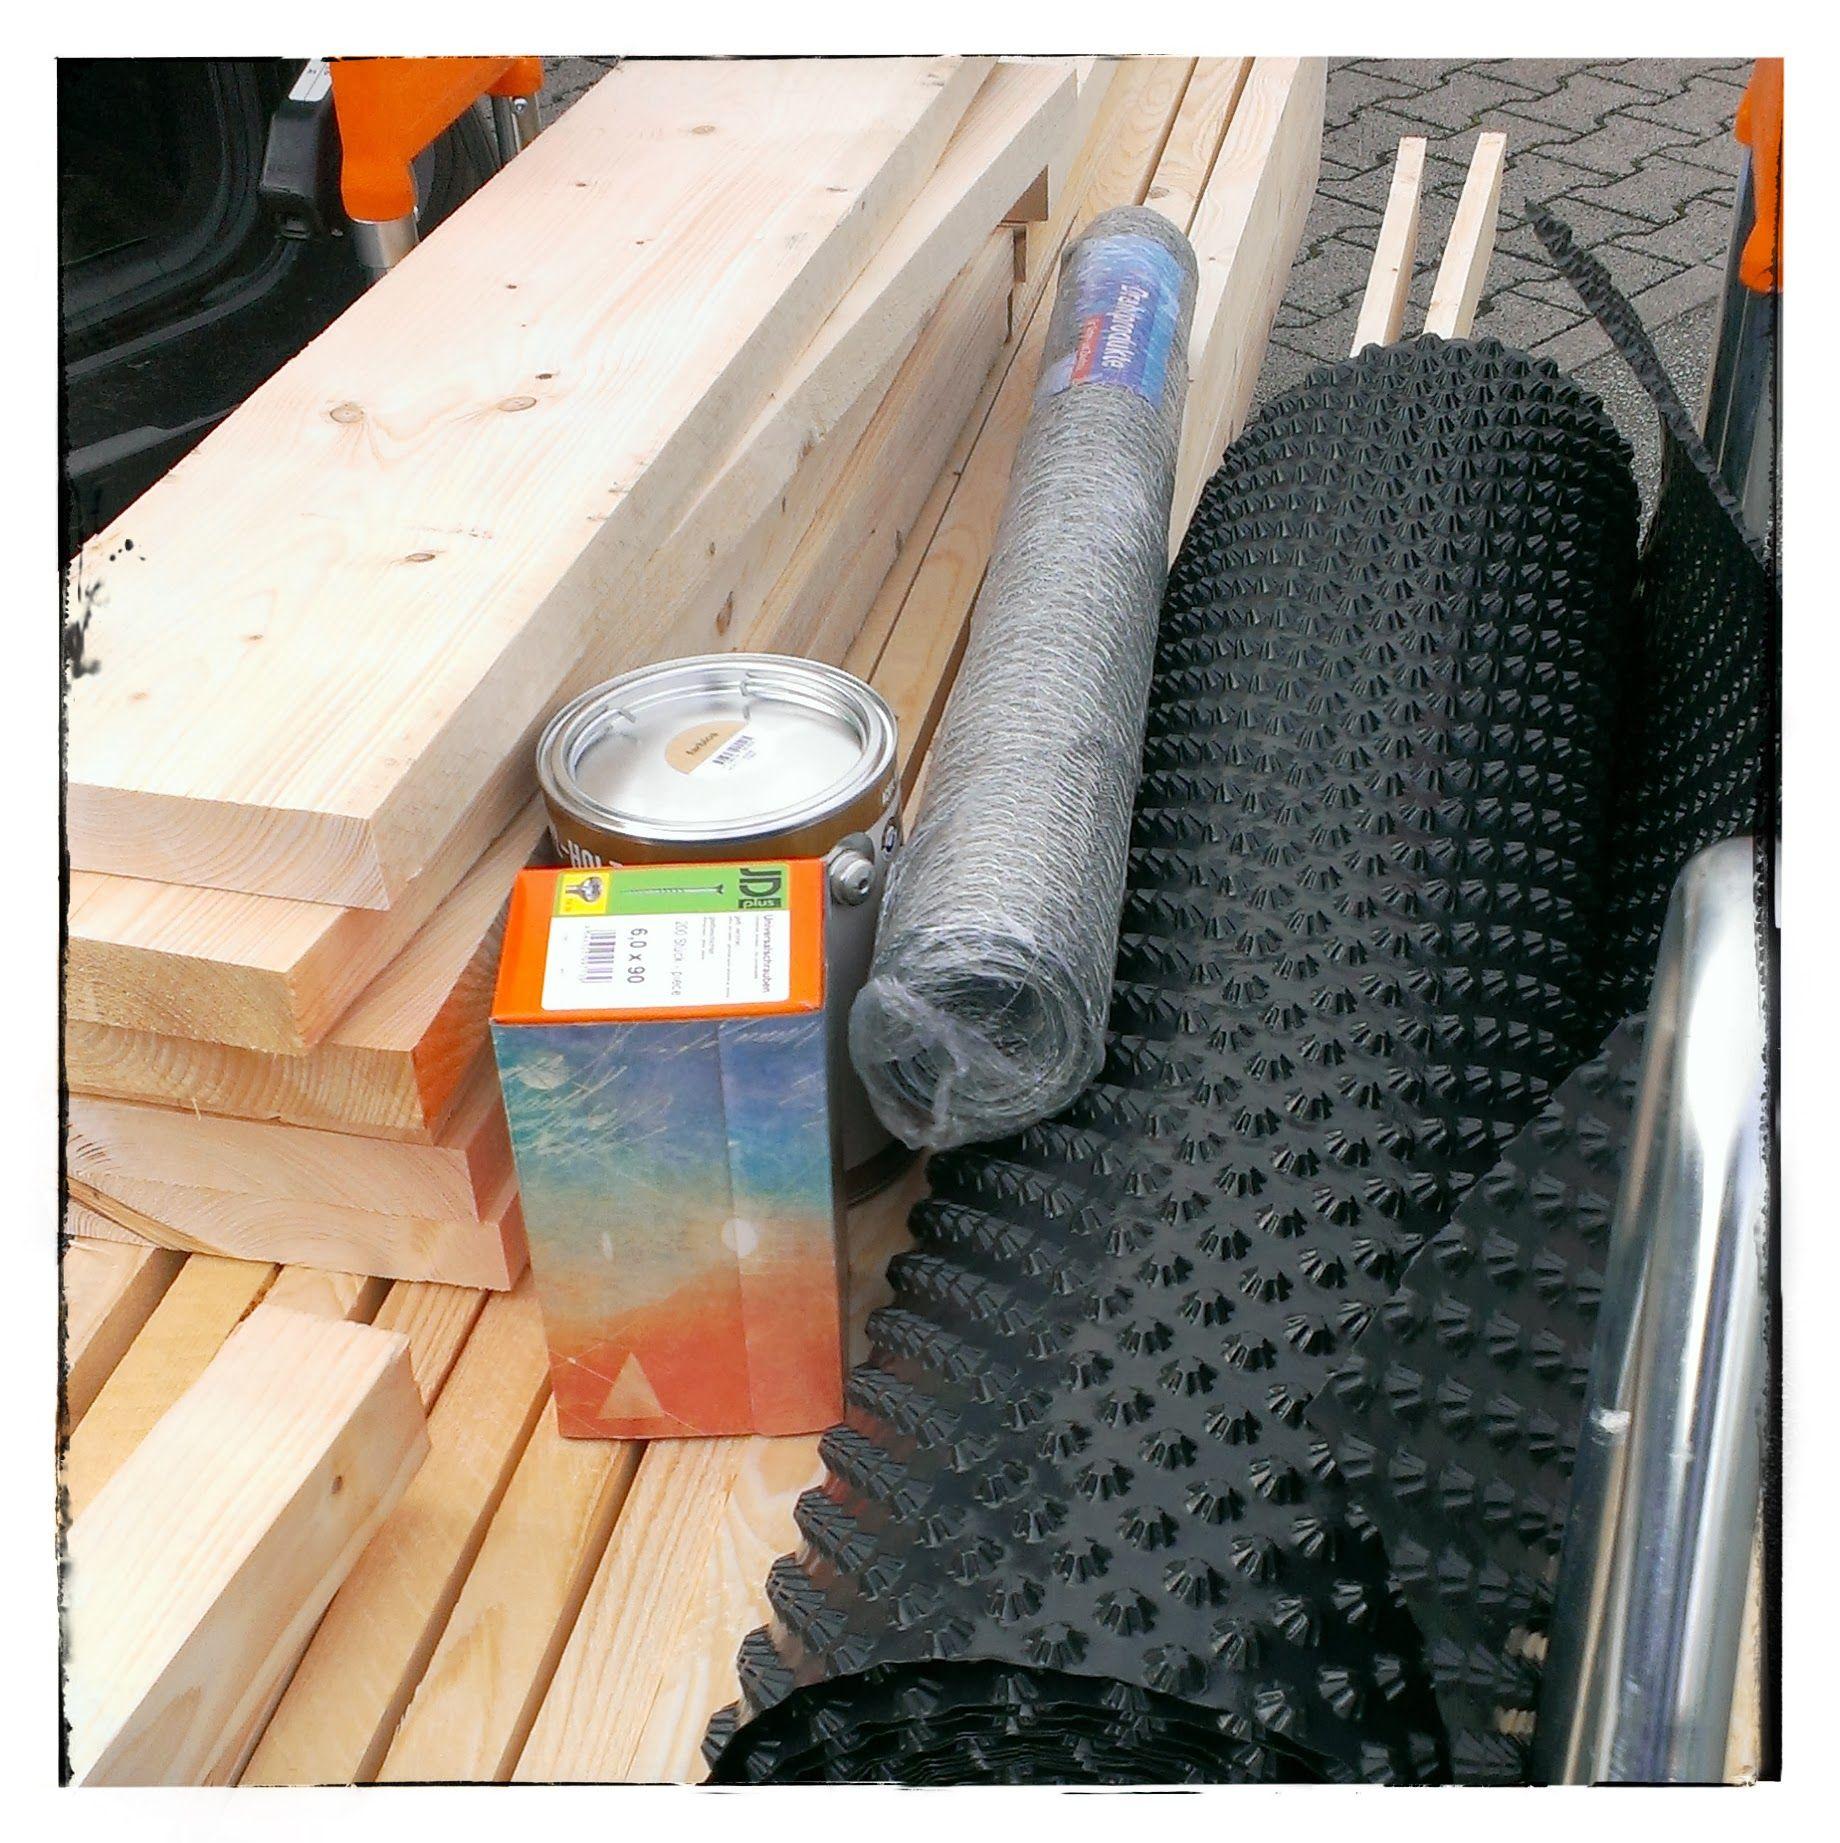 hochbeet selber bauen materialliste gardening pinterest hochbeet selber bauen. Black Bedroom Furniture Sets. Home Design Ideas